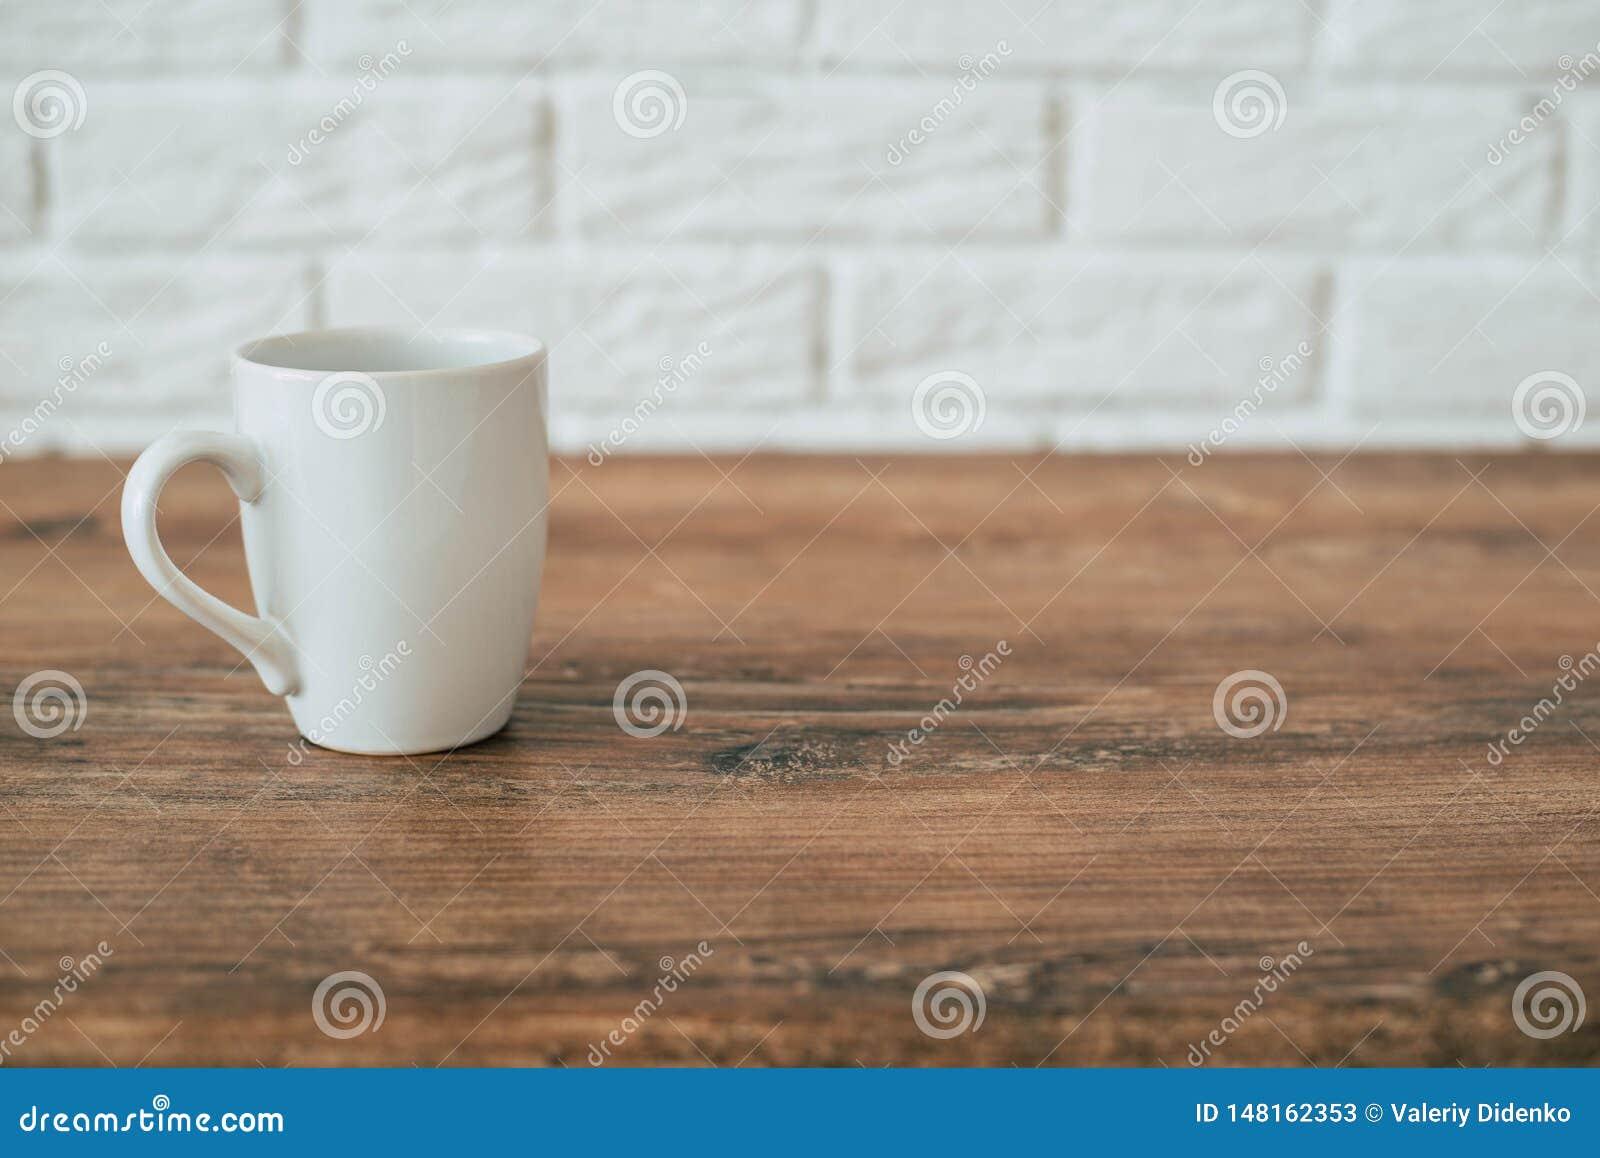 Cocina Una taza en una silla de madera